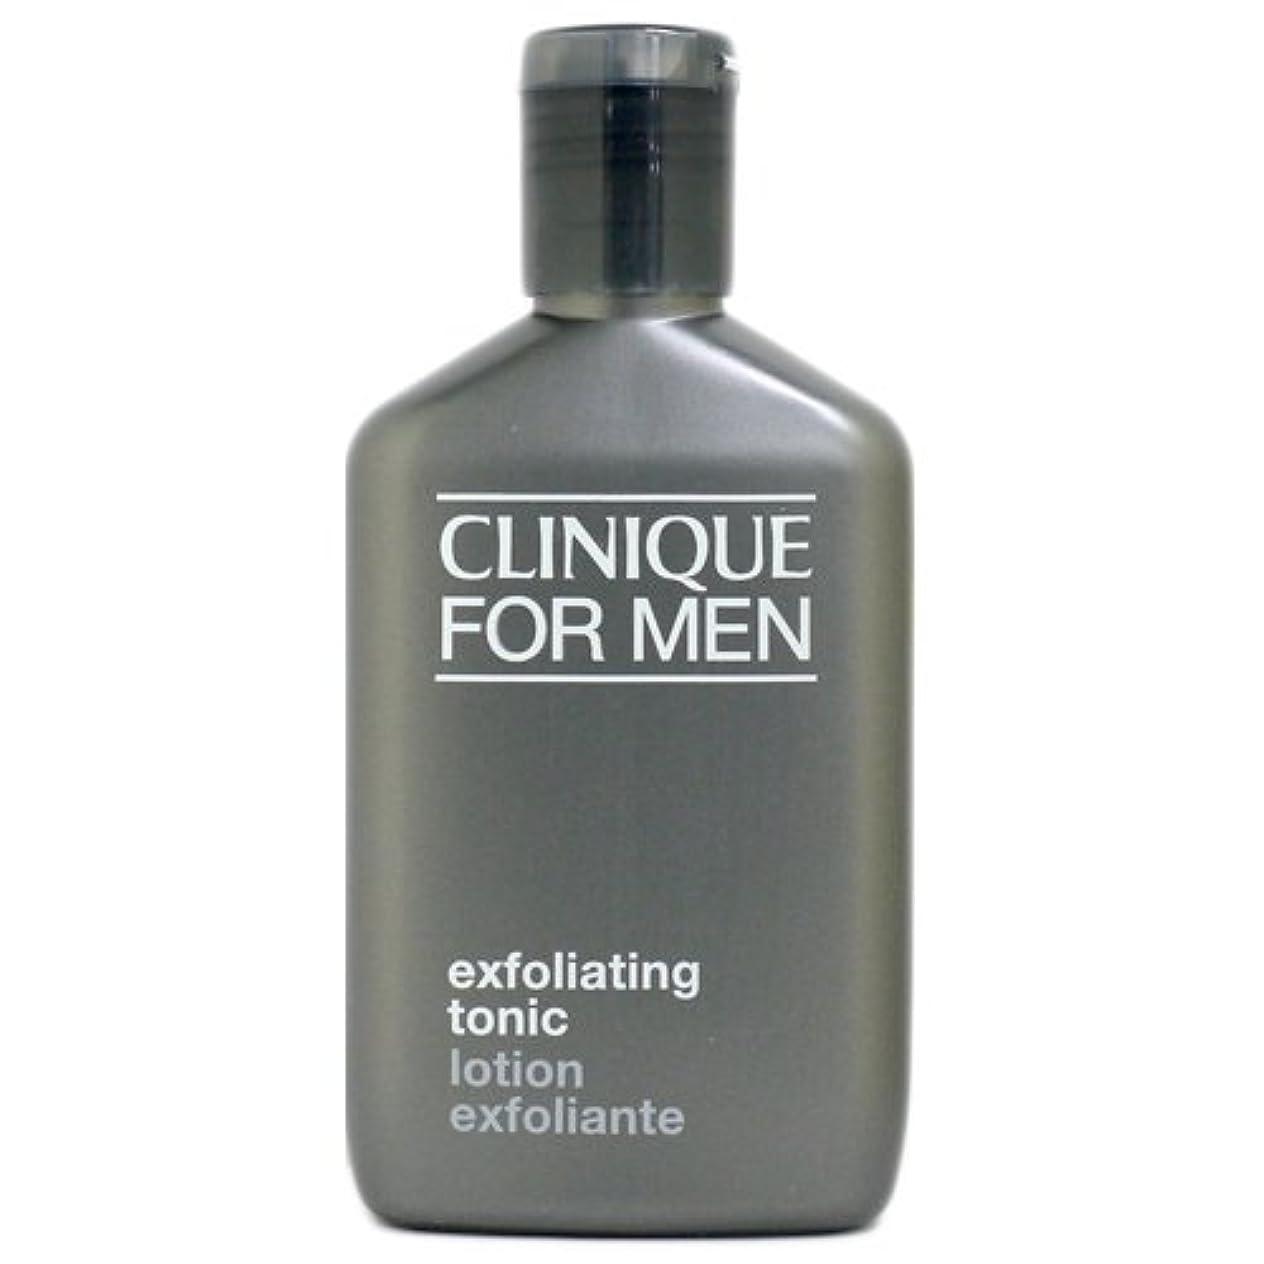 コンバーチブルキャンディー伝導クリニークフォーメン(CLINIQUE FOR MEN) エクスフォリエーティング トニック 200ml[並行輸入品]